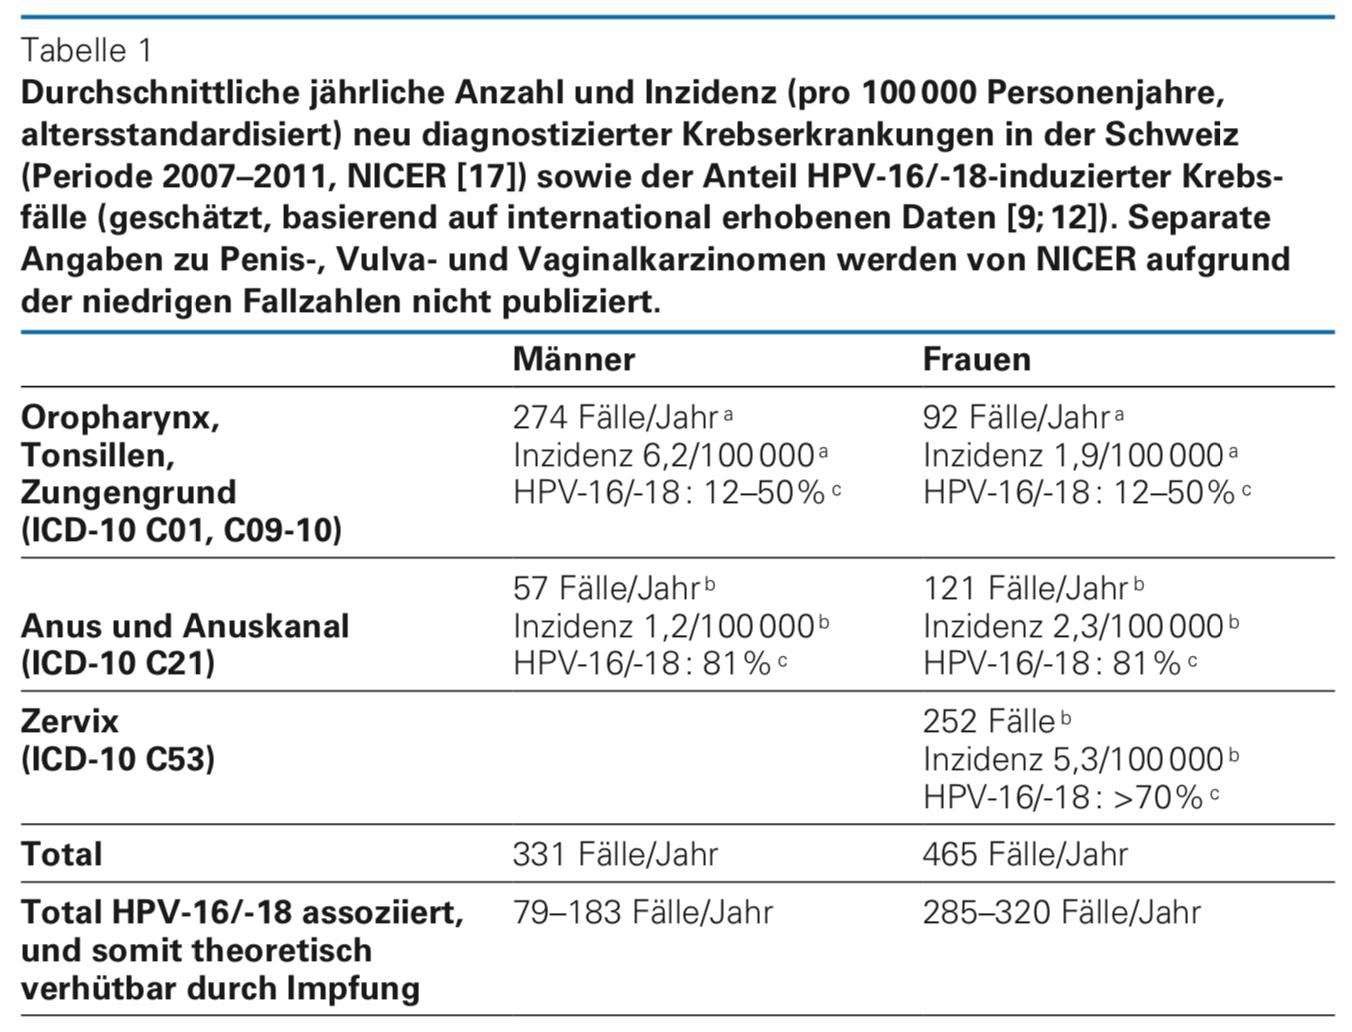 hpv impfung nebenwirkungen 2020)